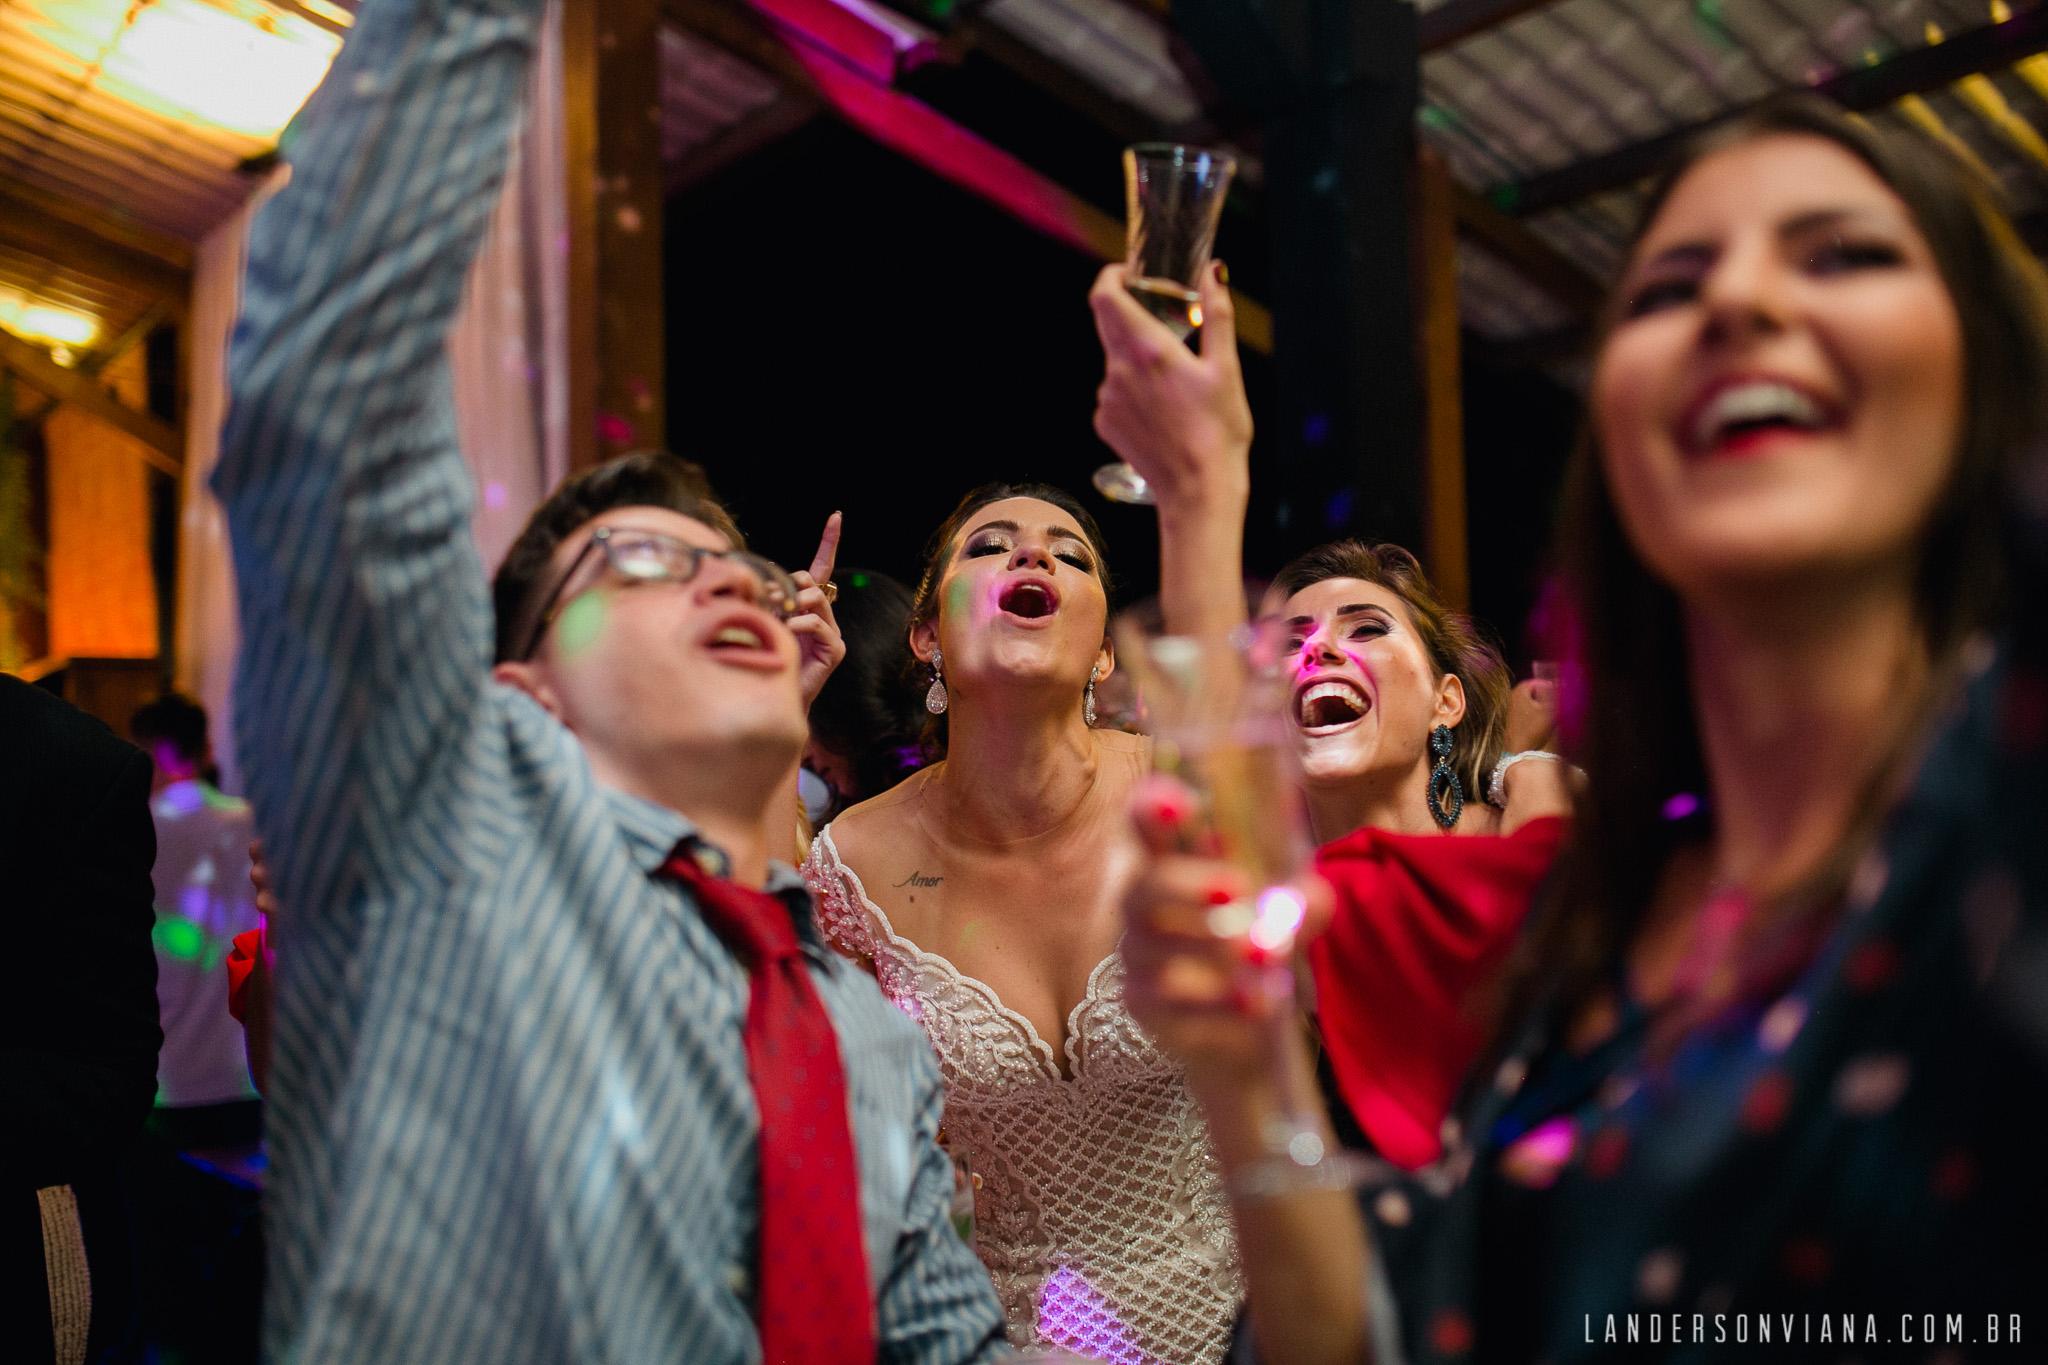 casamento_ar_livre_festa_jessica_raphael-36.jpg